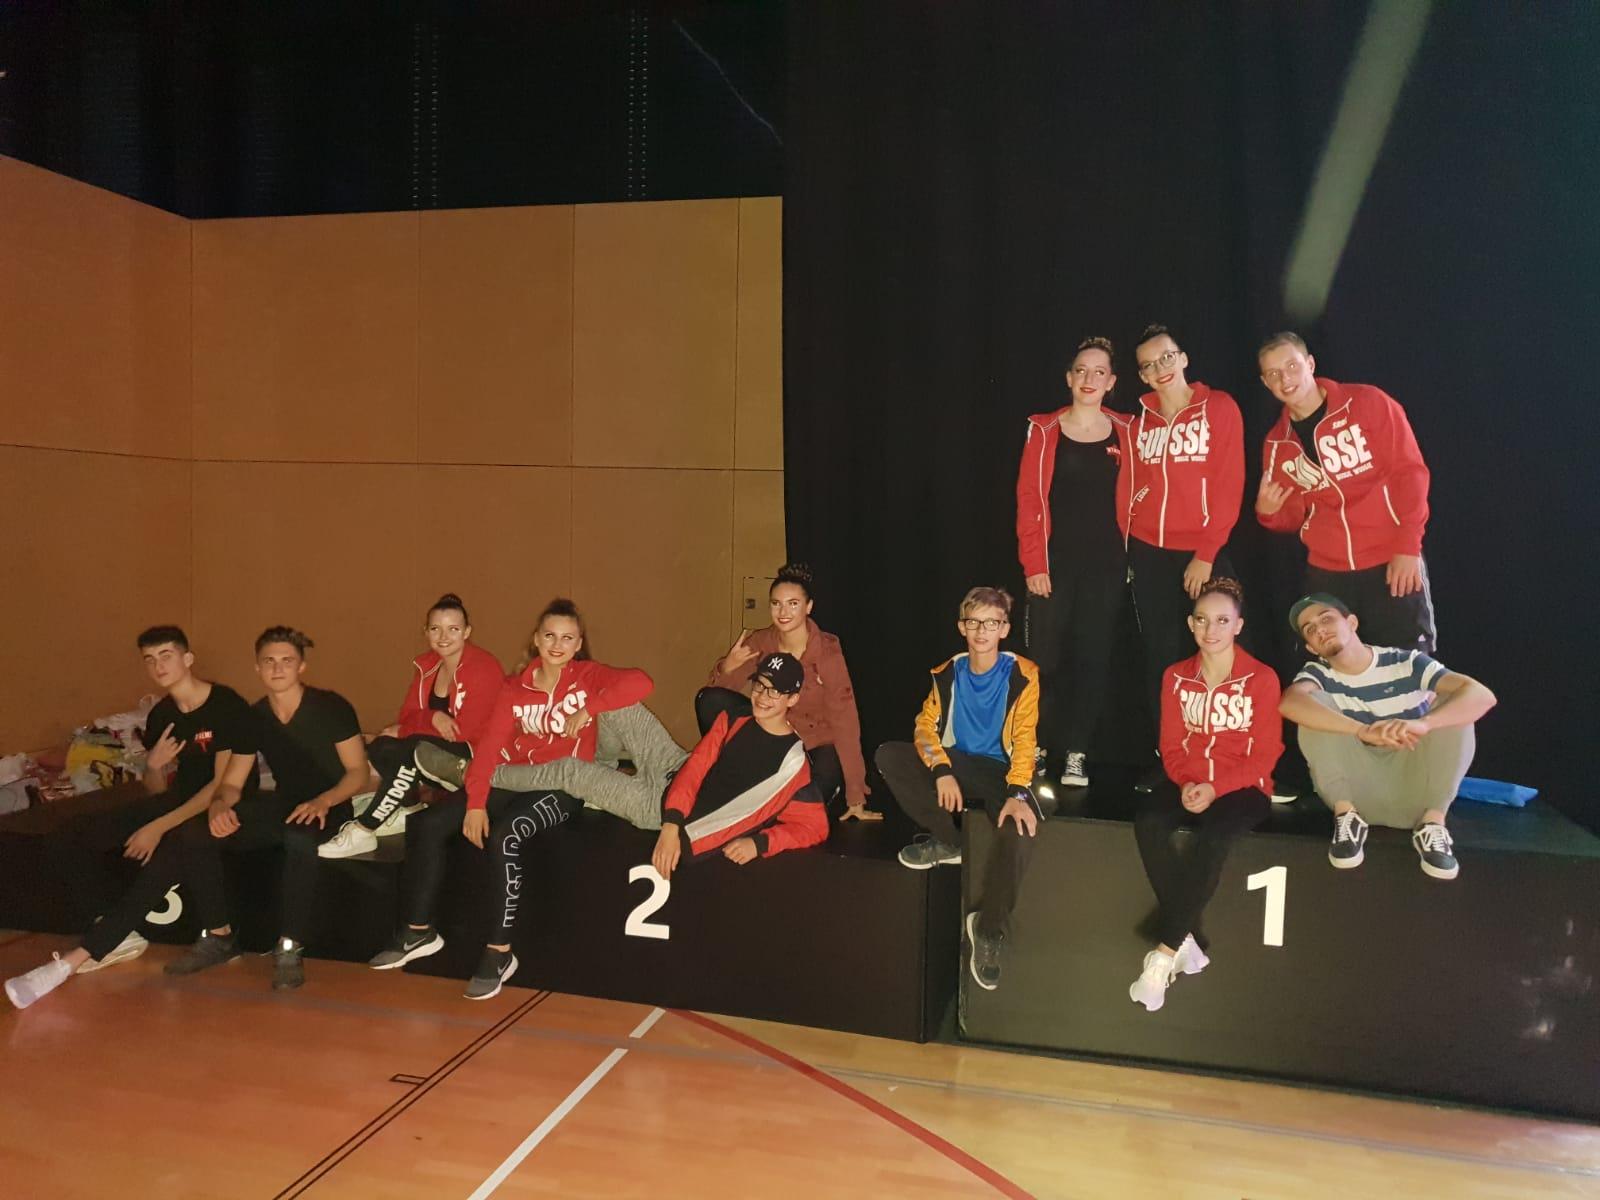 WM Graz Paarformation